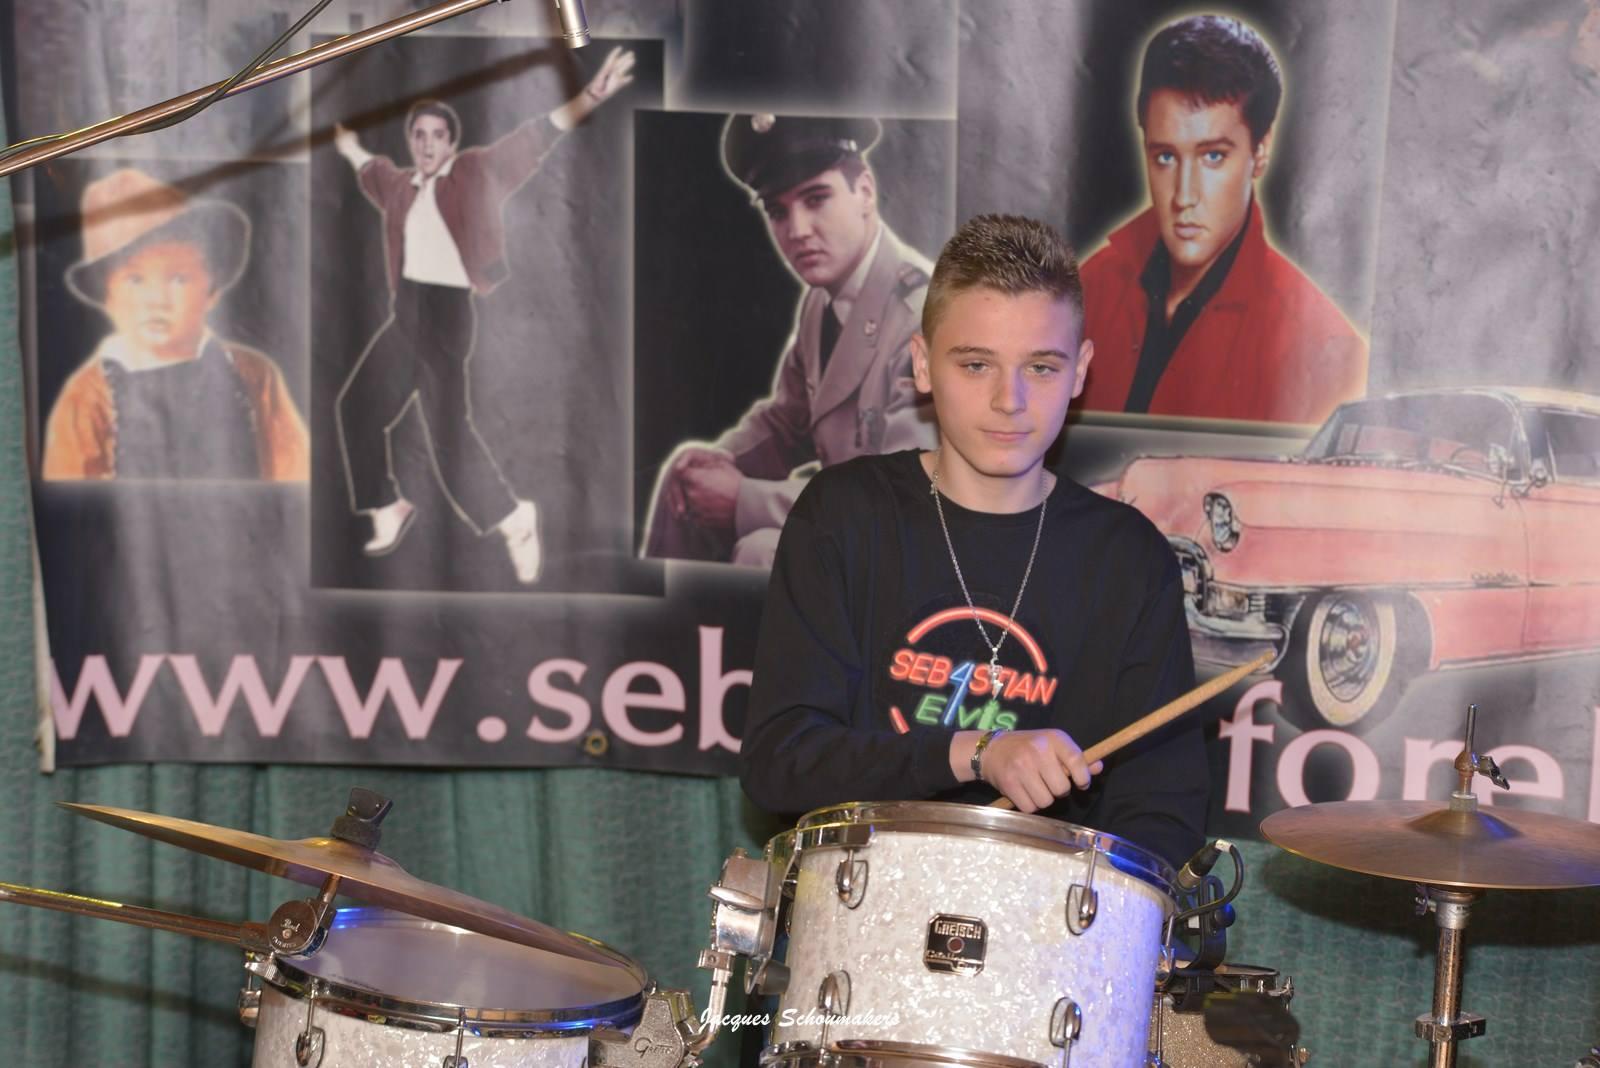 500-Sebastian-For-Elvis-Croisiere-americaine-pays-de-liege-facebook